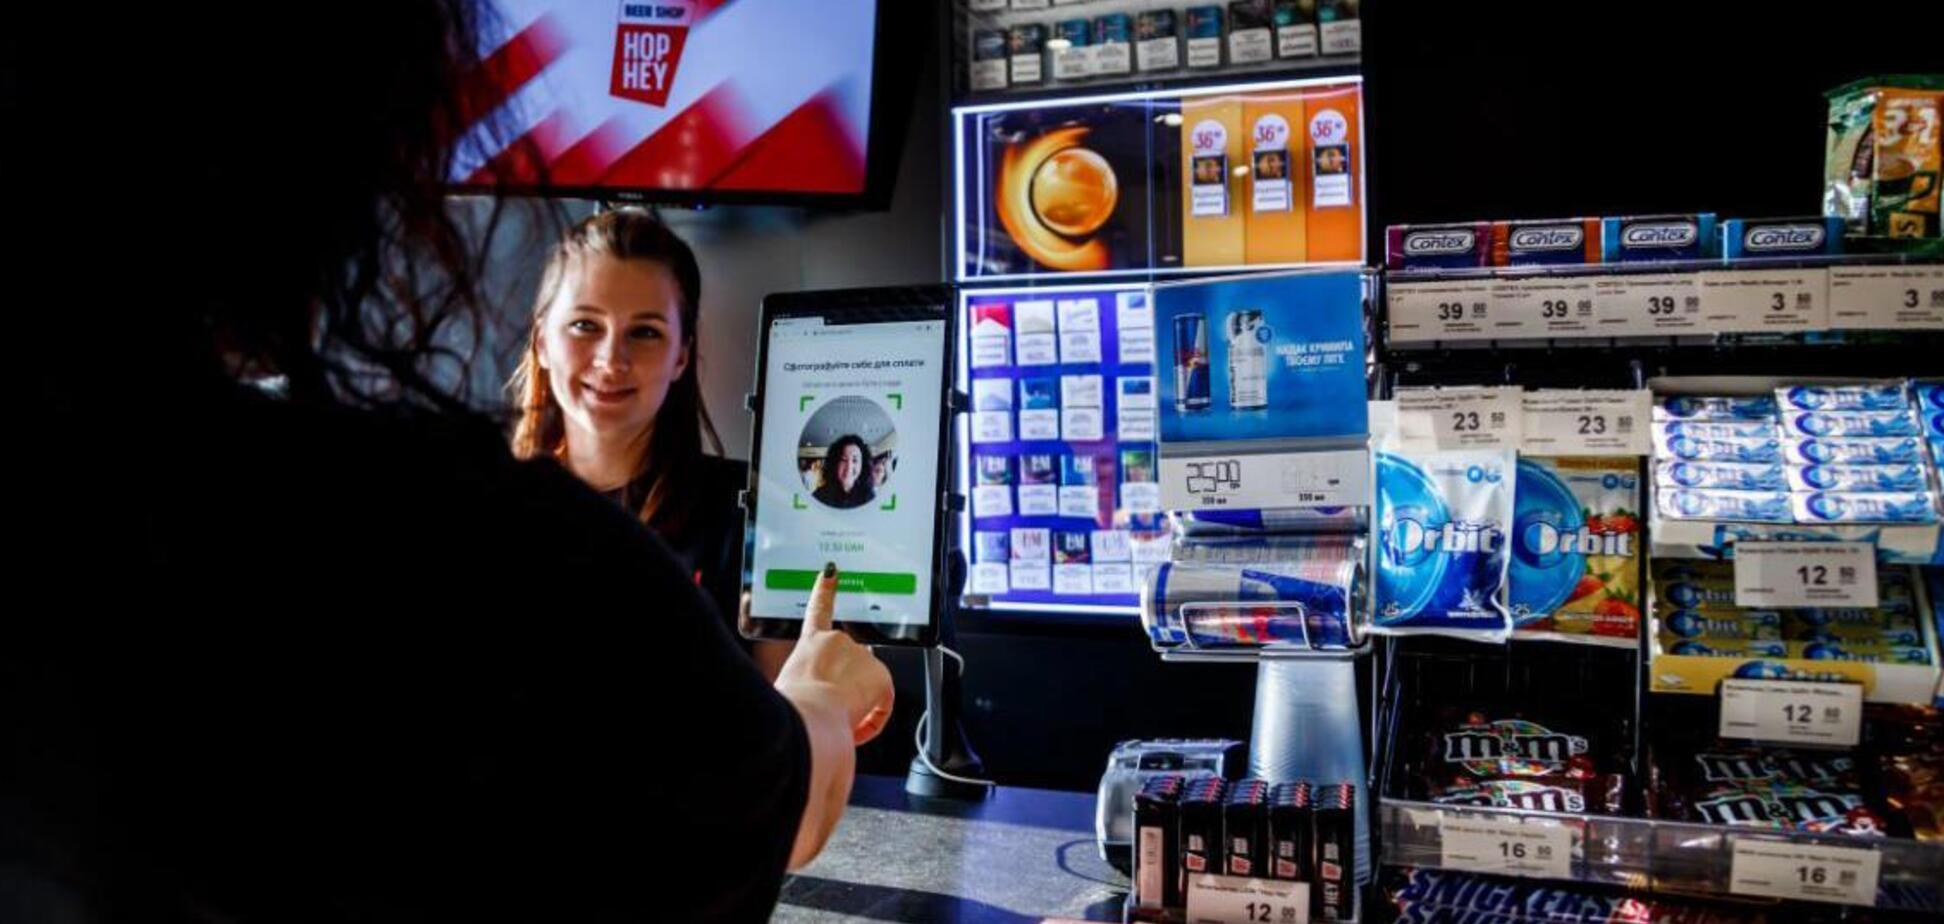 Українці тепер можуть 'сплачувати обличчям' у супермаркетах: що це означає